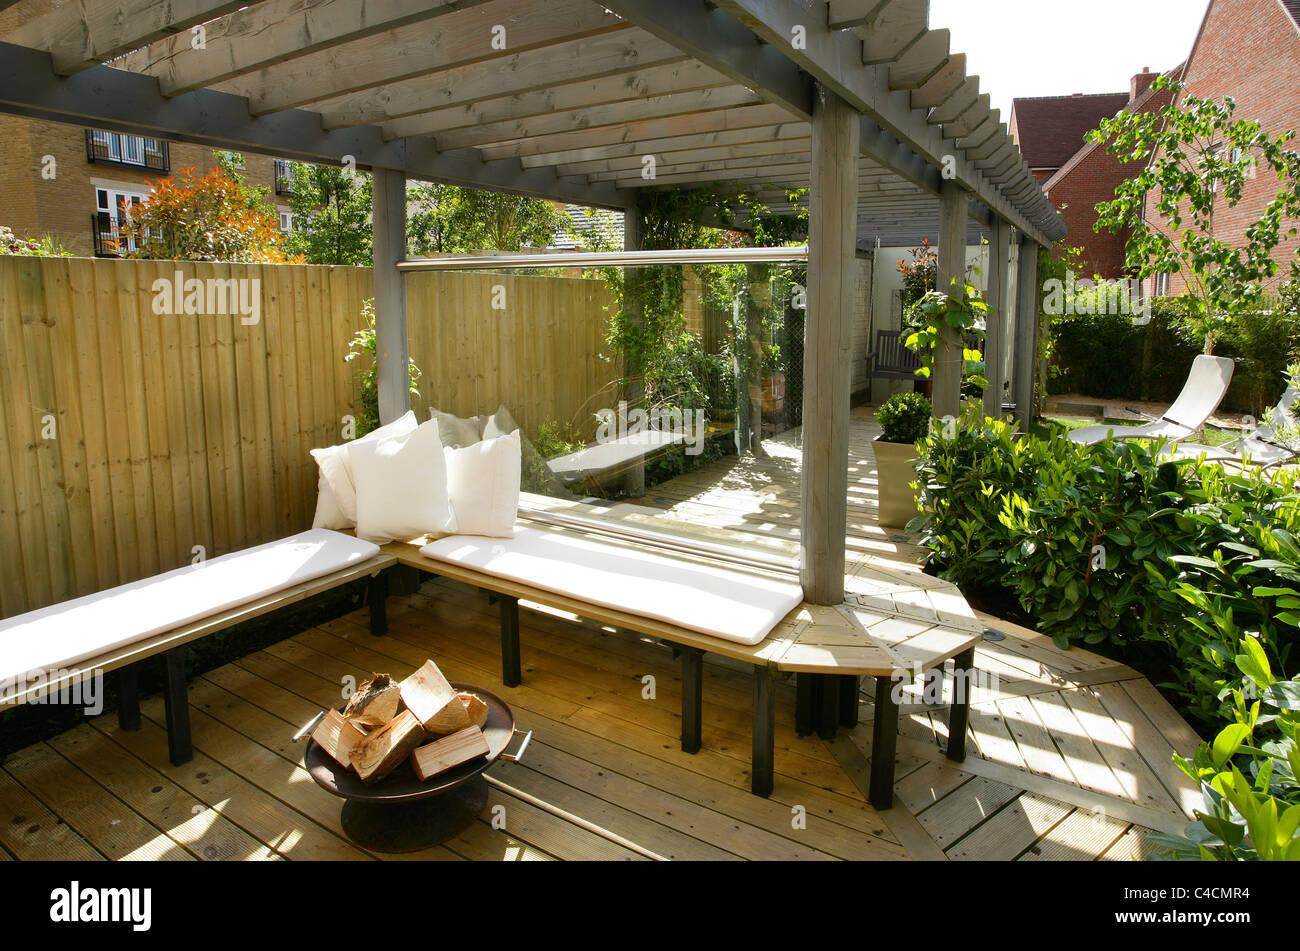 Langlais Moderne Contemporain Ville Jardin Avec Banc En Bois De